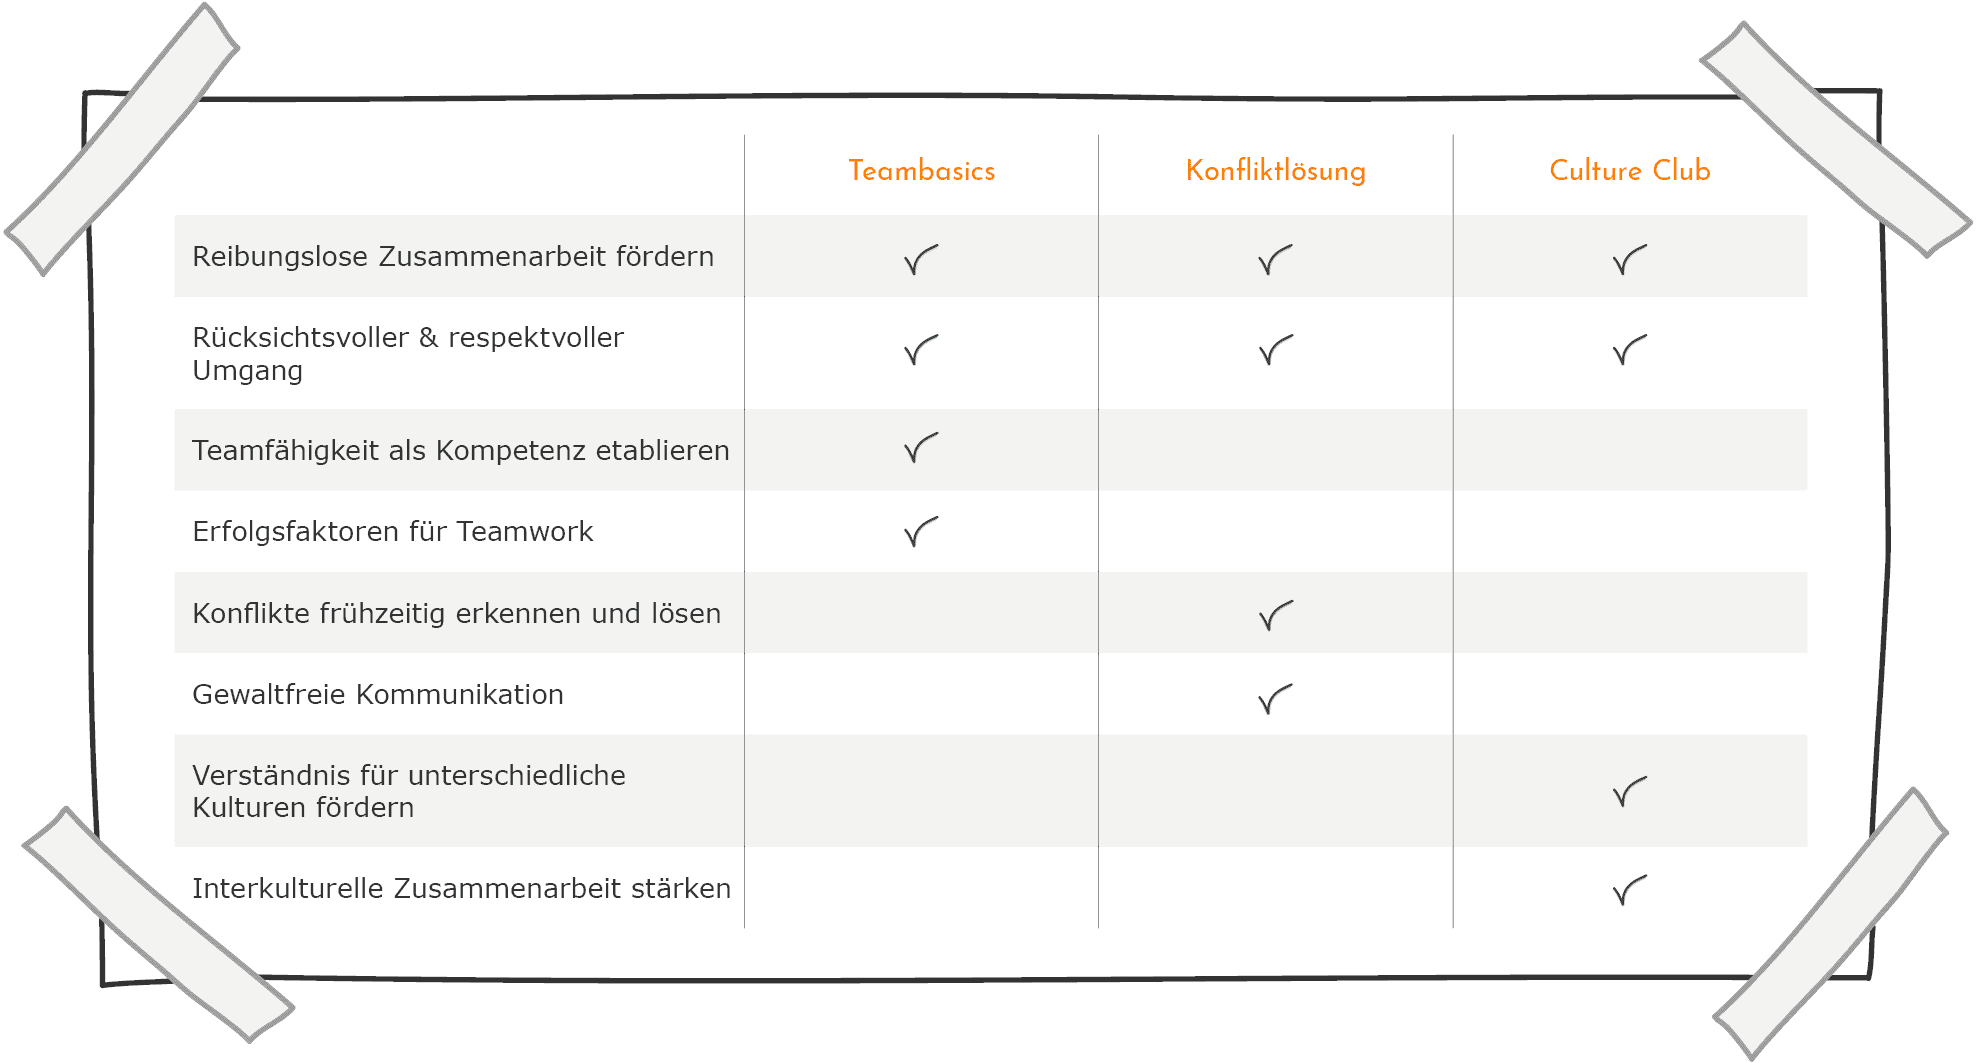 Zusammenarbeit - Inhalte im Vergleich